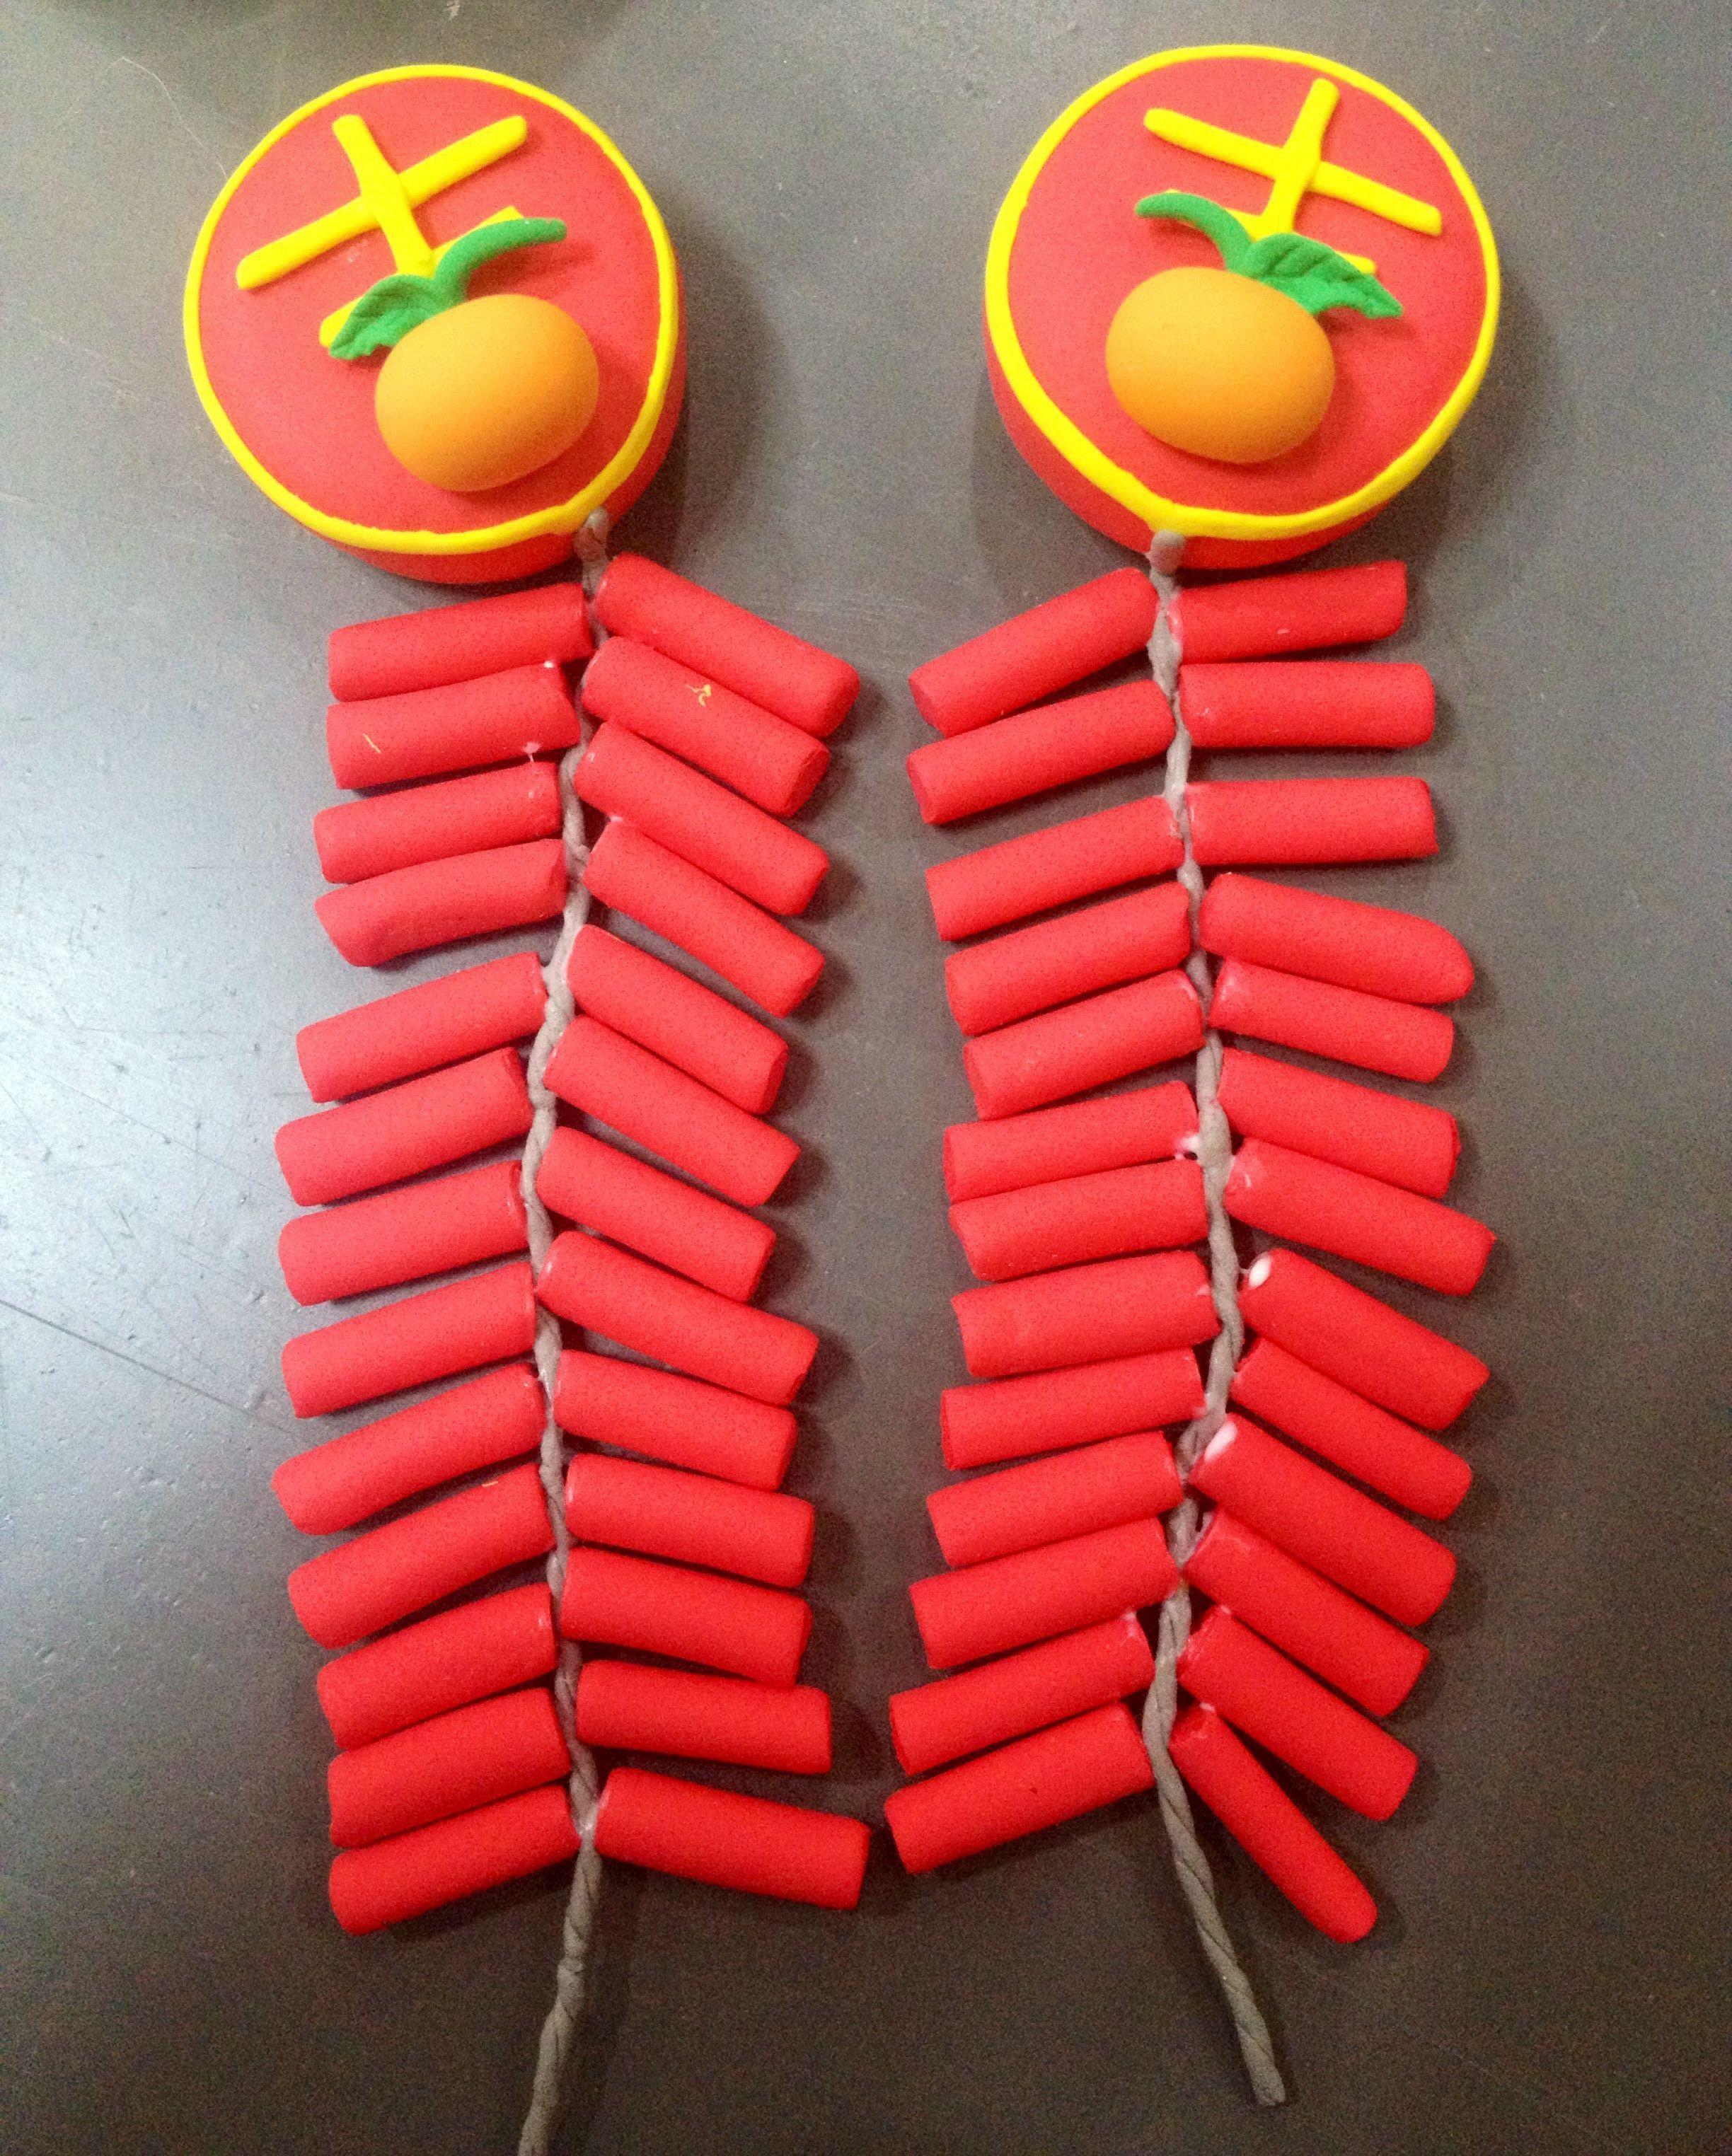 粘土制作新年装饰|手工艺|手办/原型|ella kong